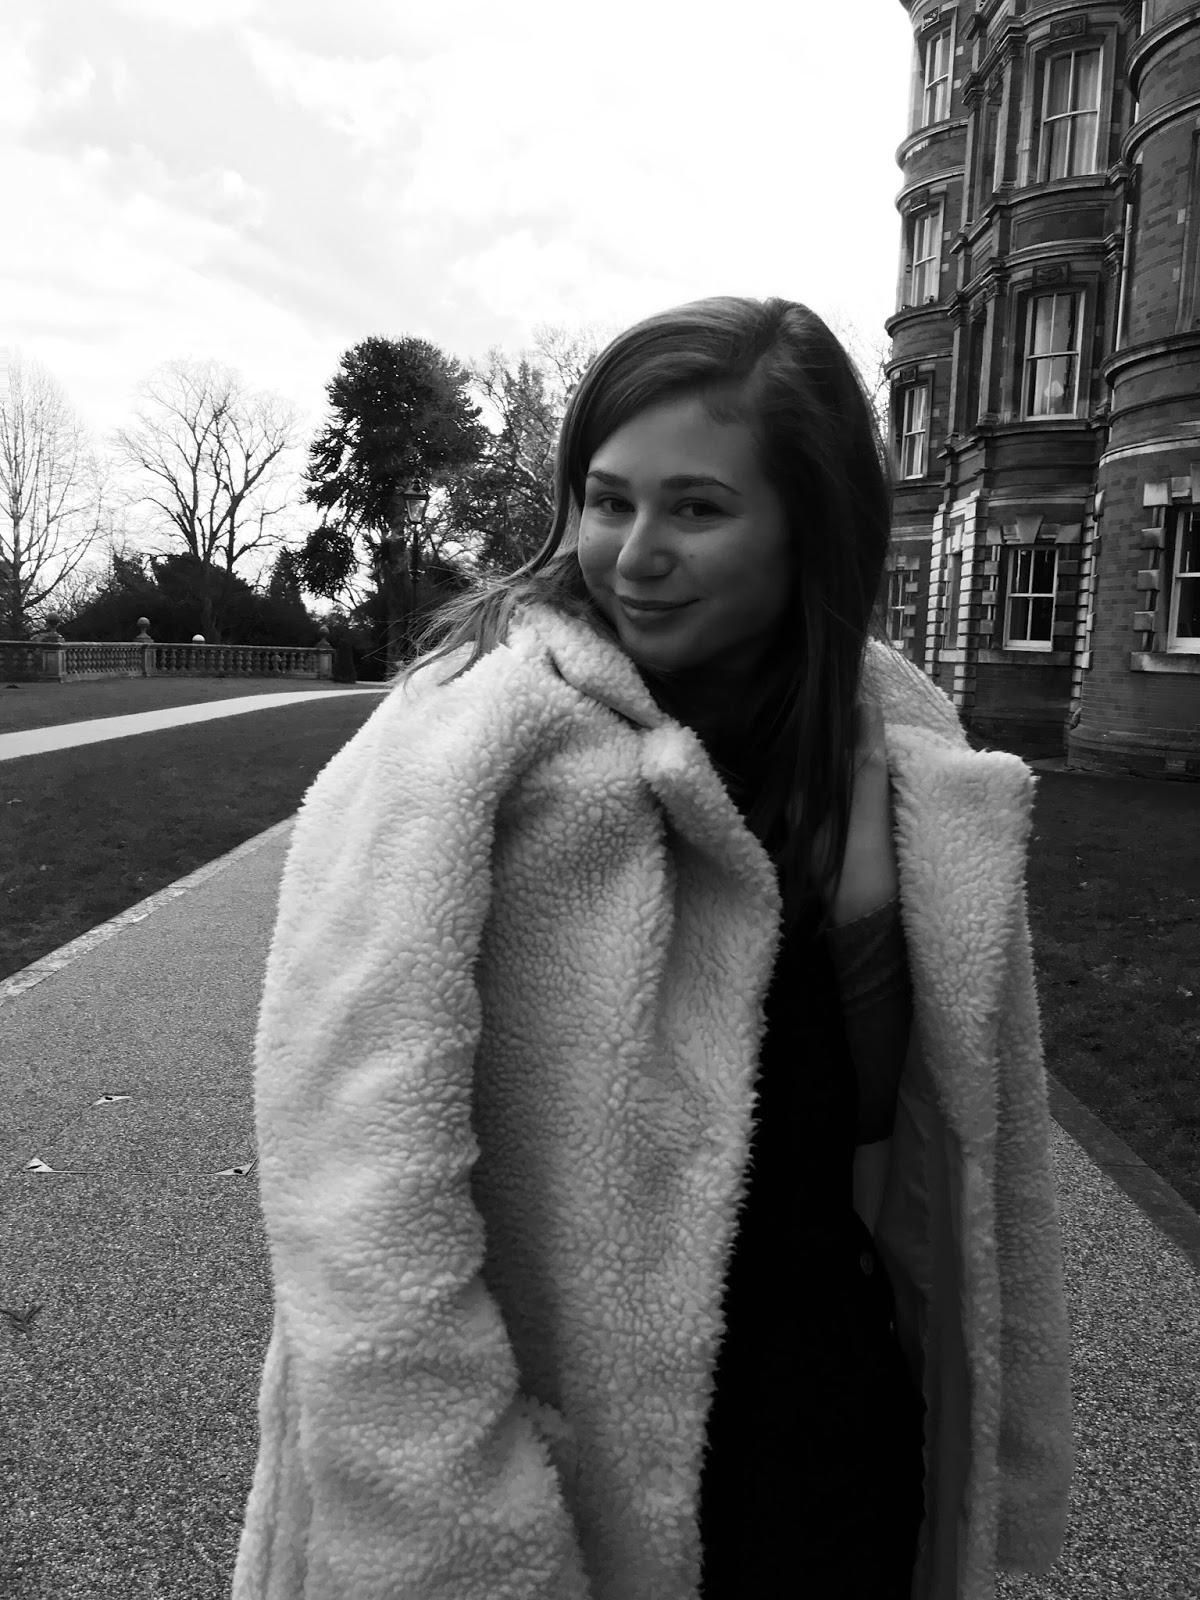 Dungaree Love At Royal Holloway | bepbeee